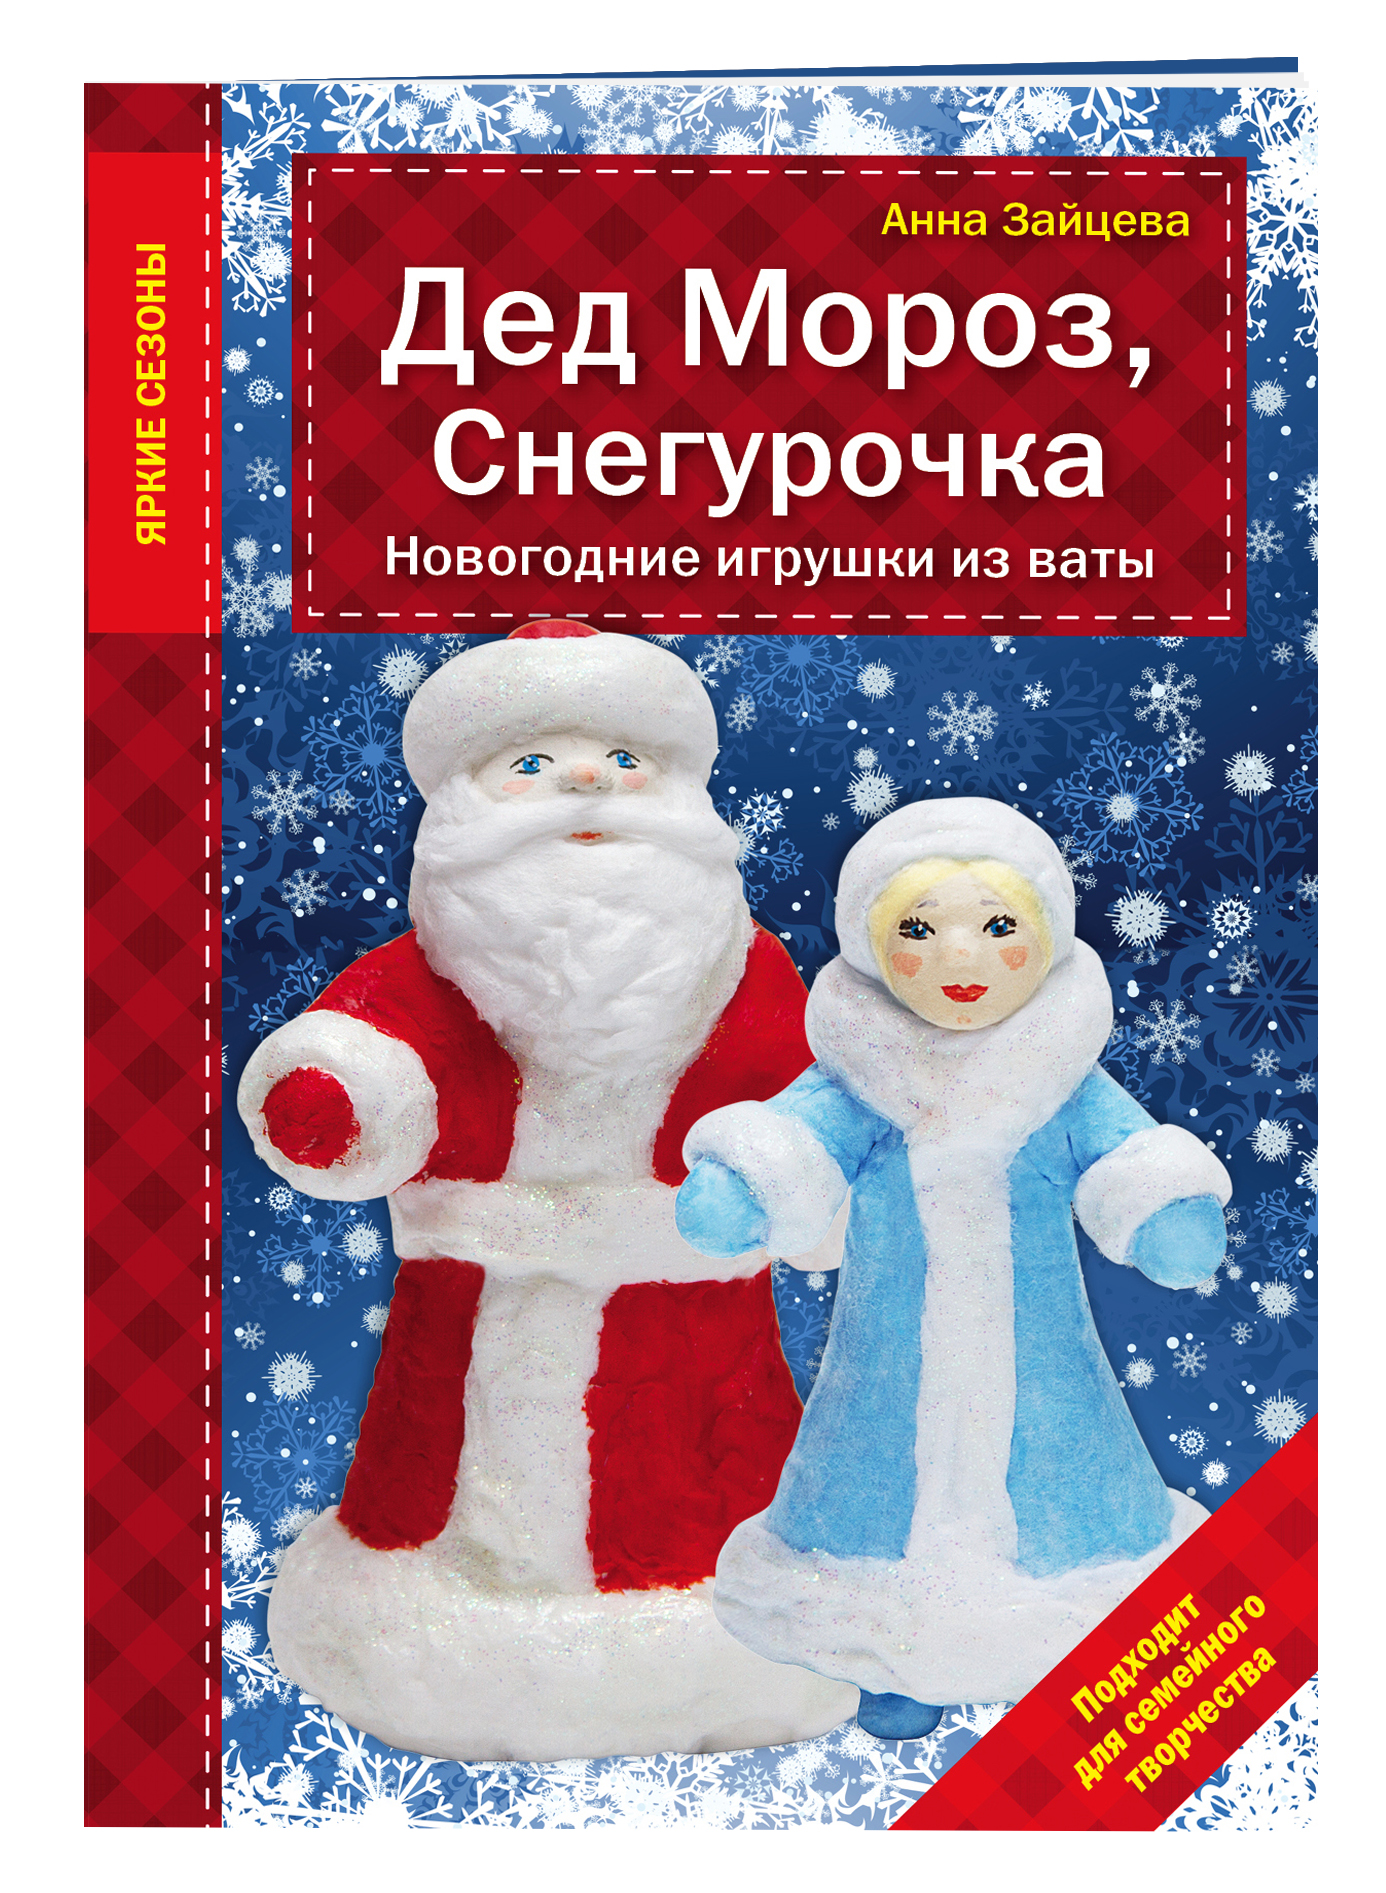 Анна Зайцева Дед Мороз, Снегурочка. Новогодние игрушки из ваты